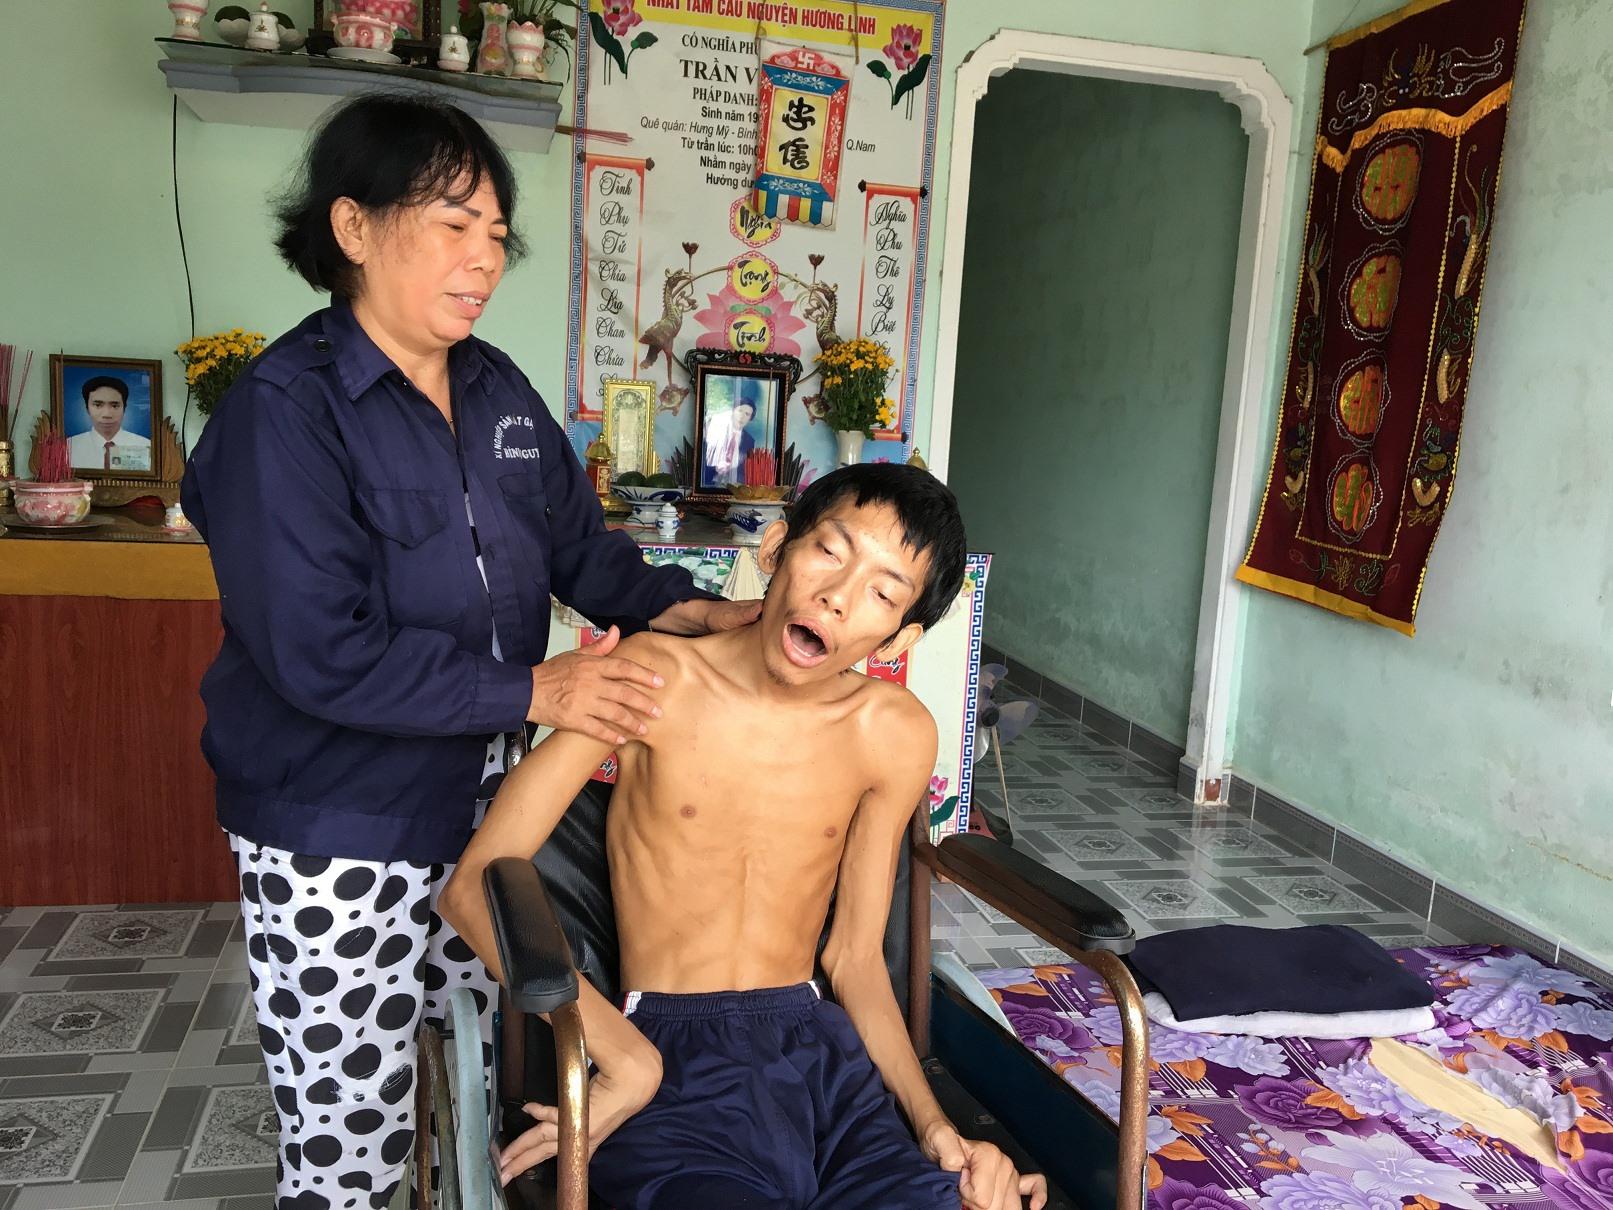 Chỗ dựa cuối cùng của bà Nga là con trai Trần Văn Tín cũng qua đời vì bạo bệnh. Ảnh: N.TRANG